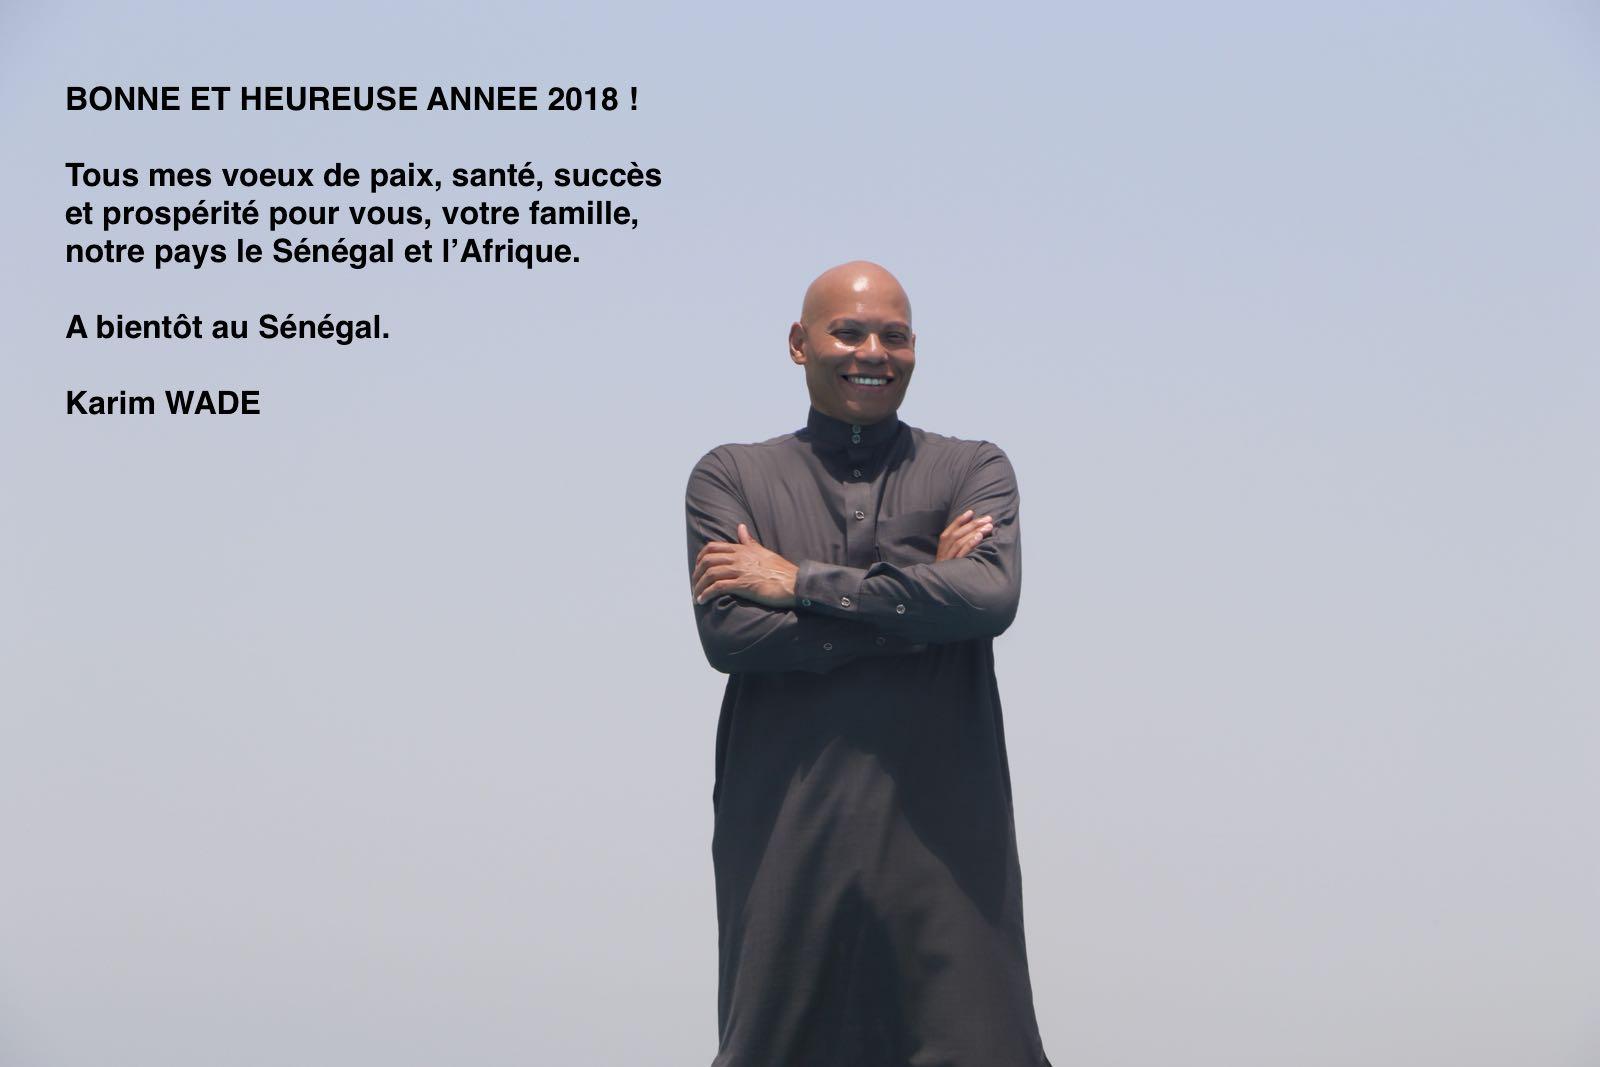 Les voeux du candidat du PDS, Karim Wade, adressés aux sénégalaises et aux sénégalais